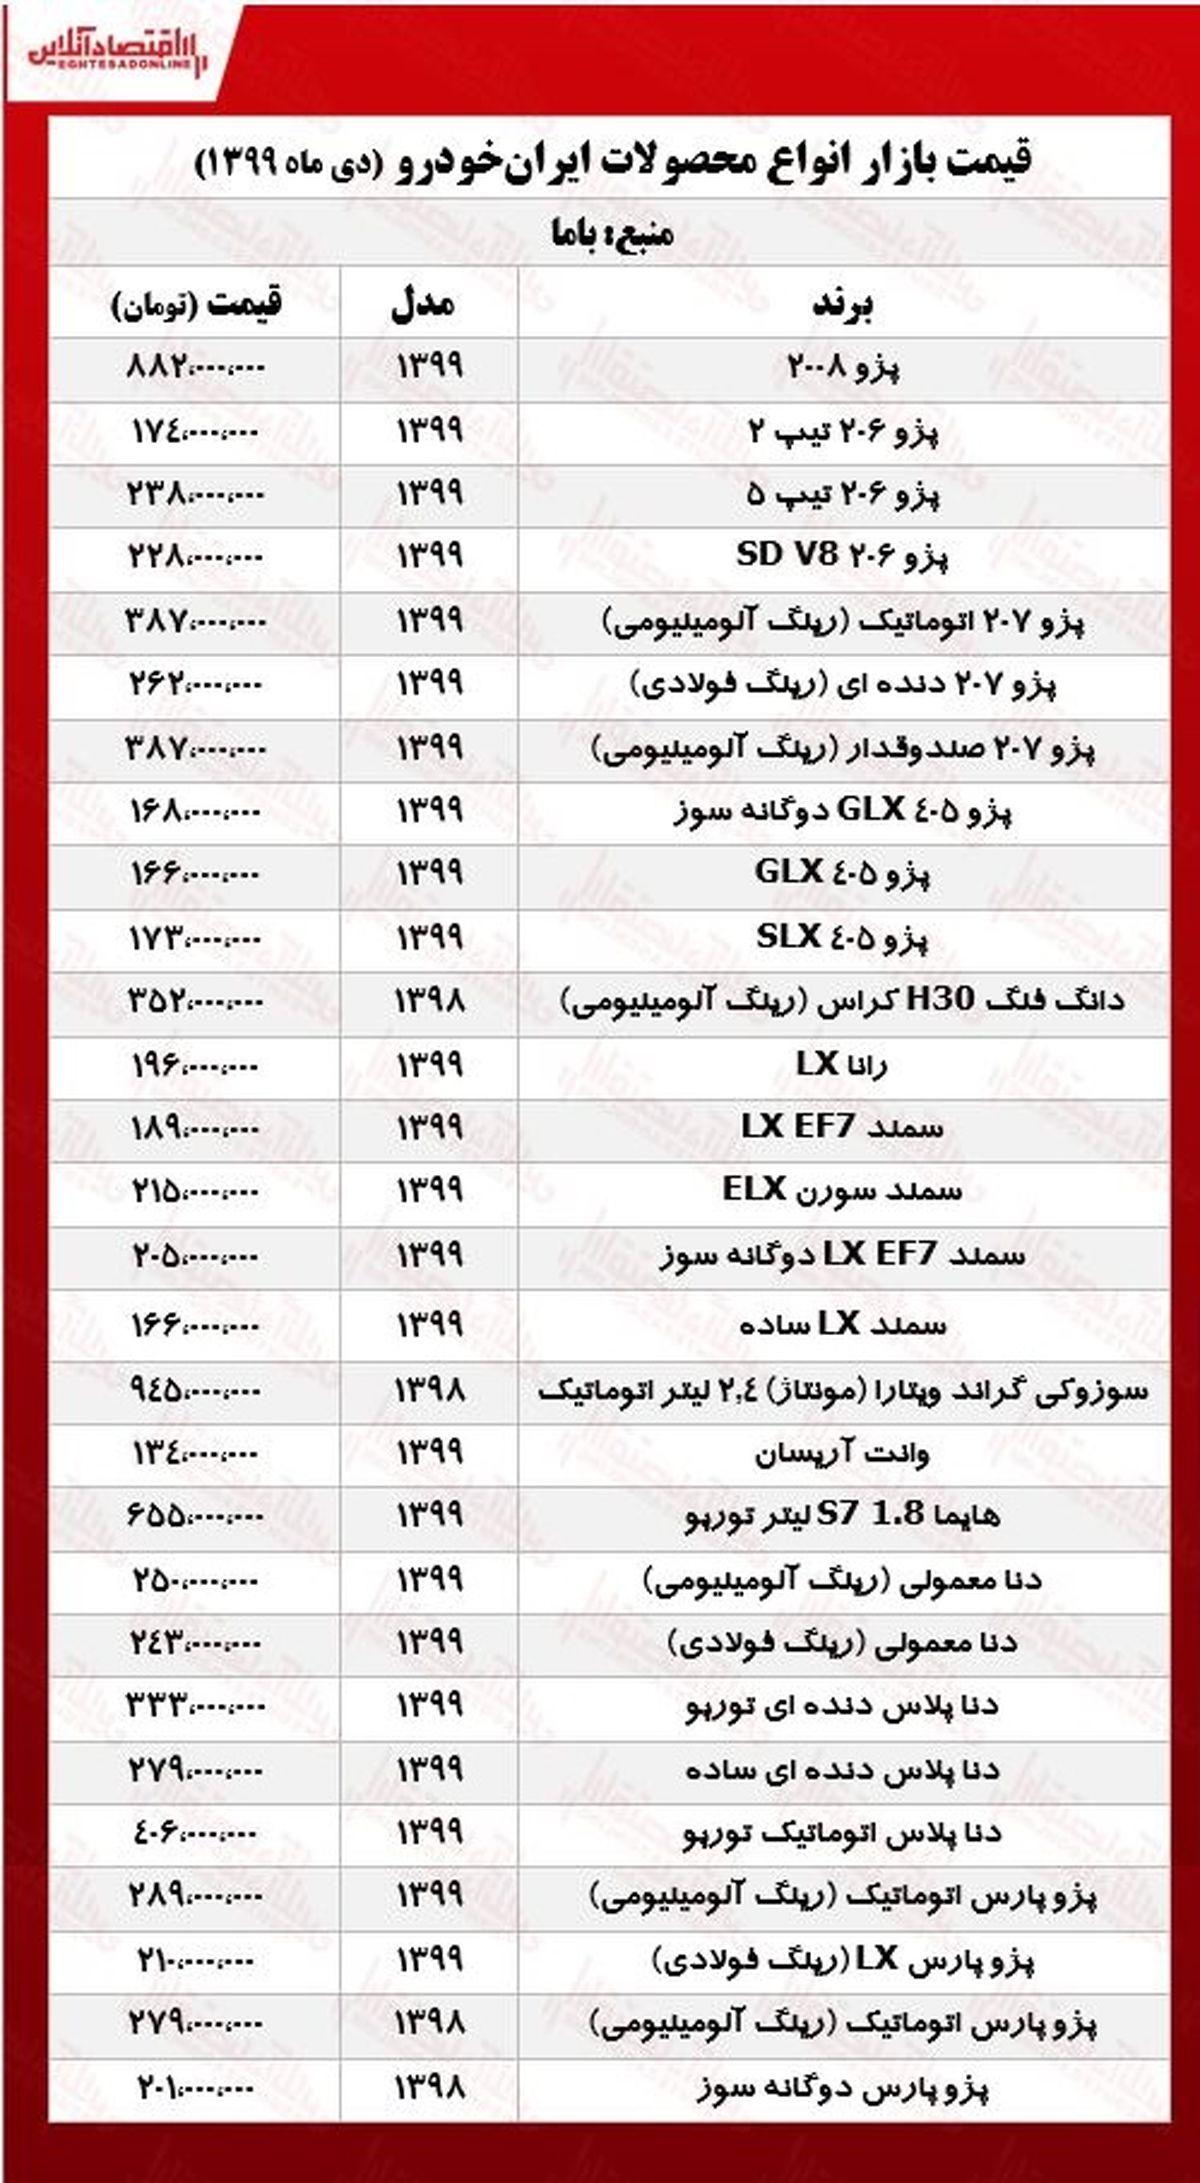 جدیدترین قیمت محصولات ایران خودرو در تهران +جدول